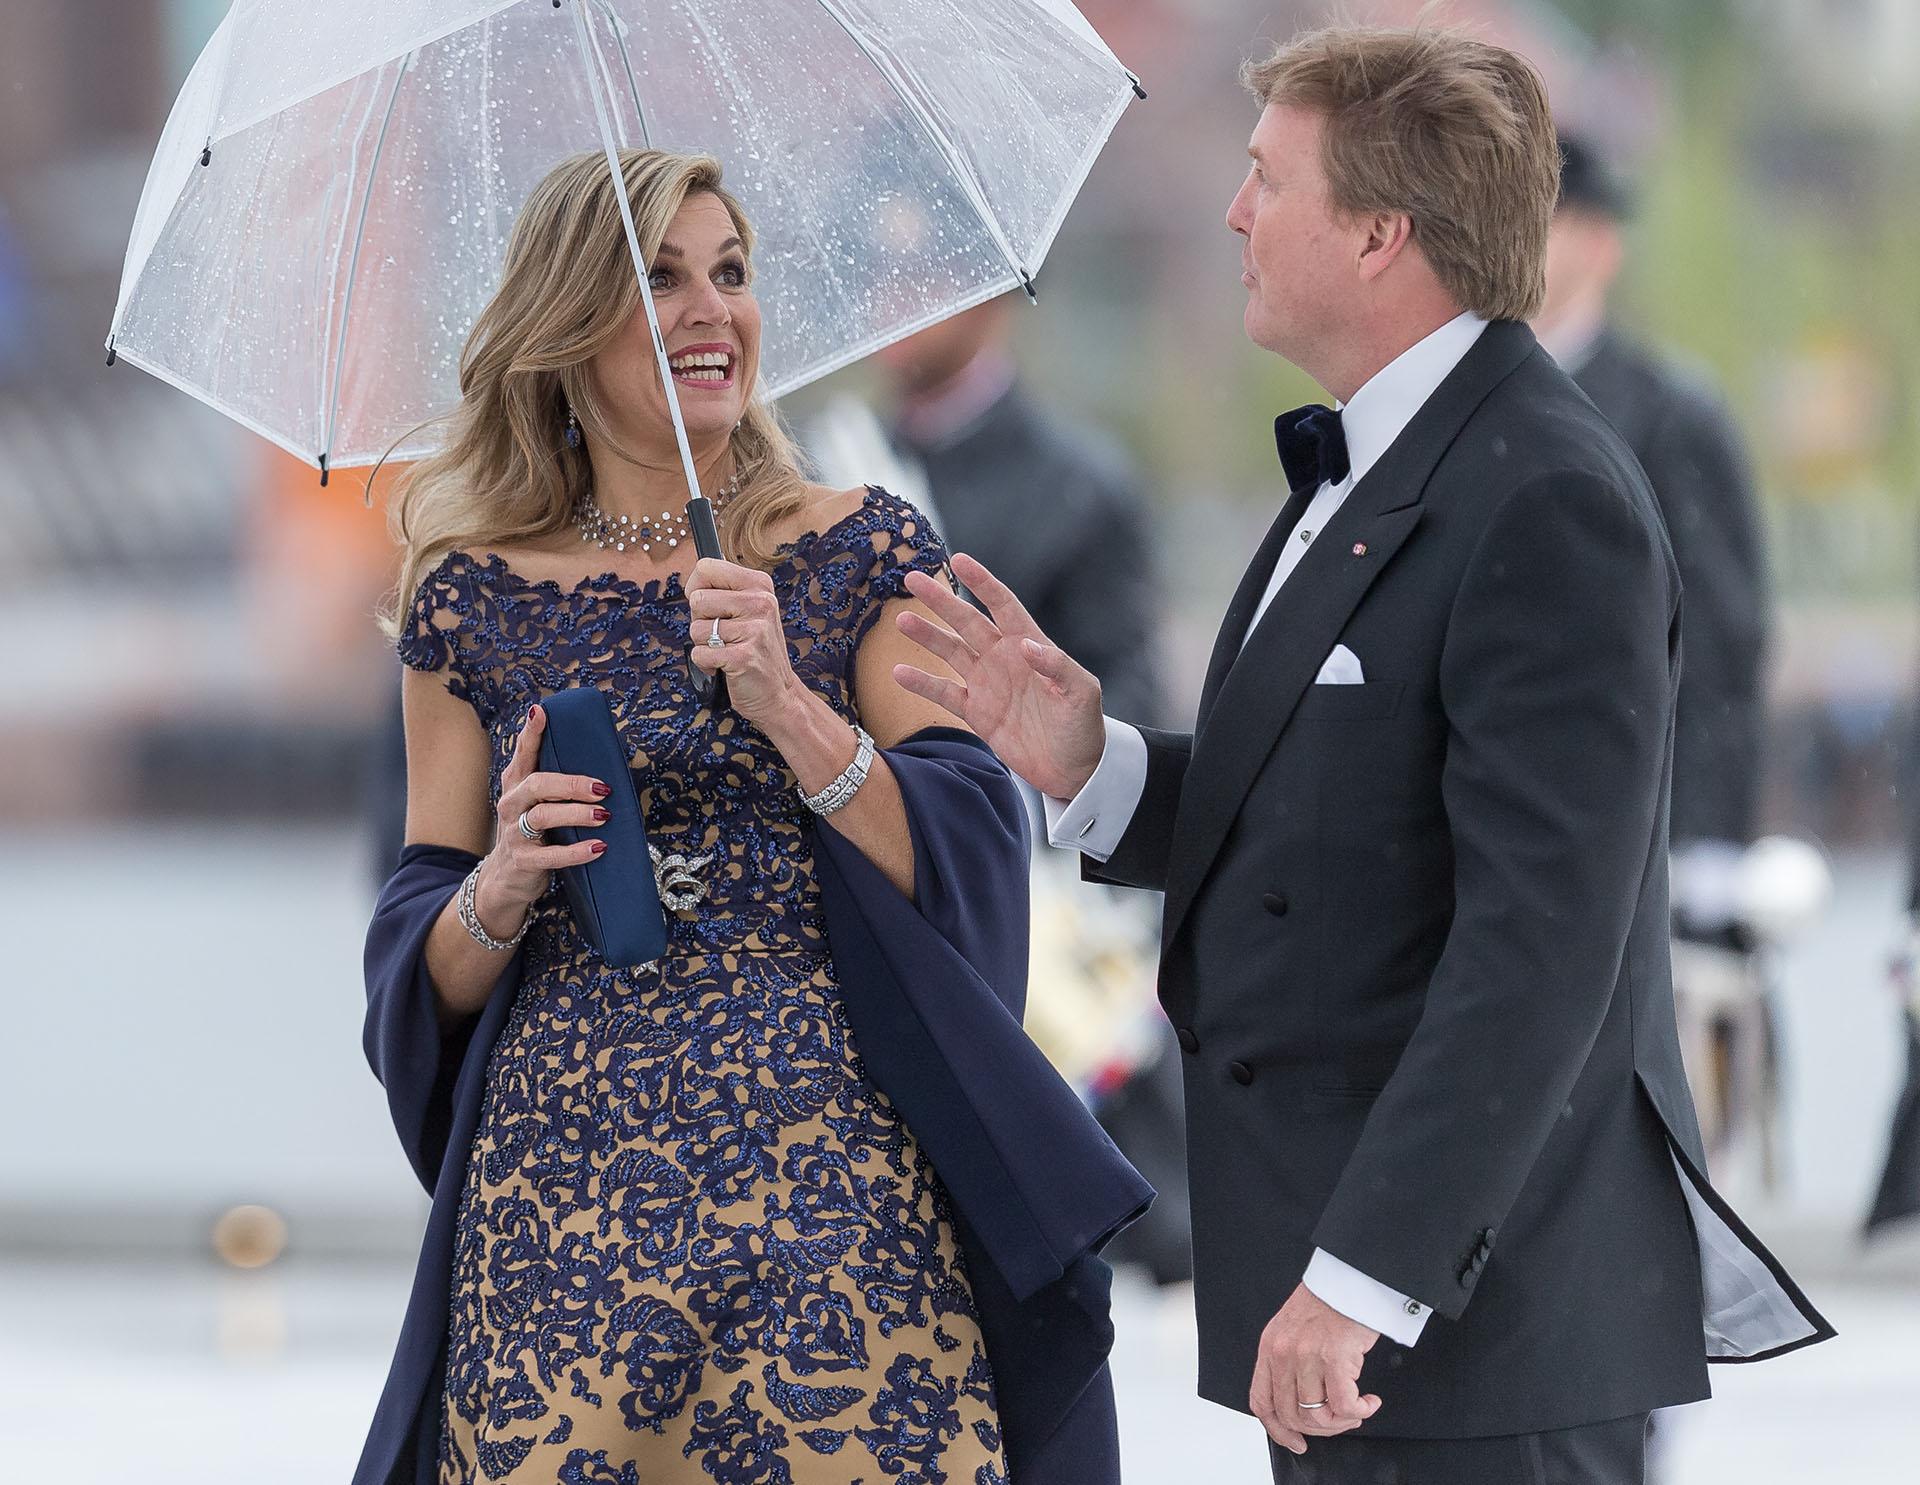 La reina Máxima de Holanda y su marido Willem-Alexander